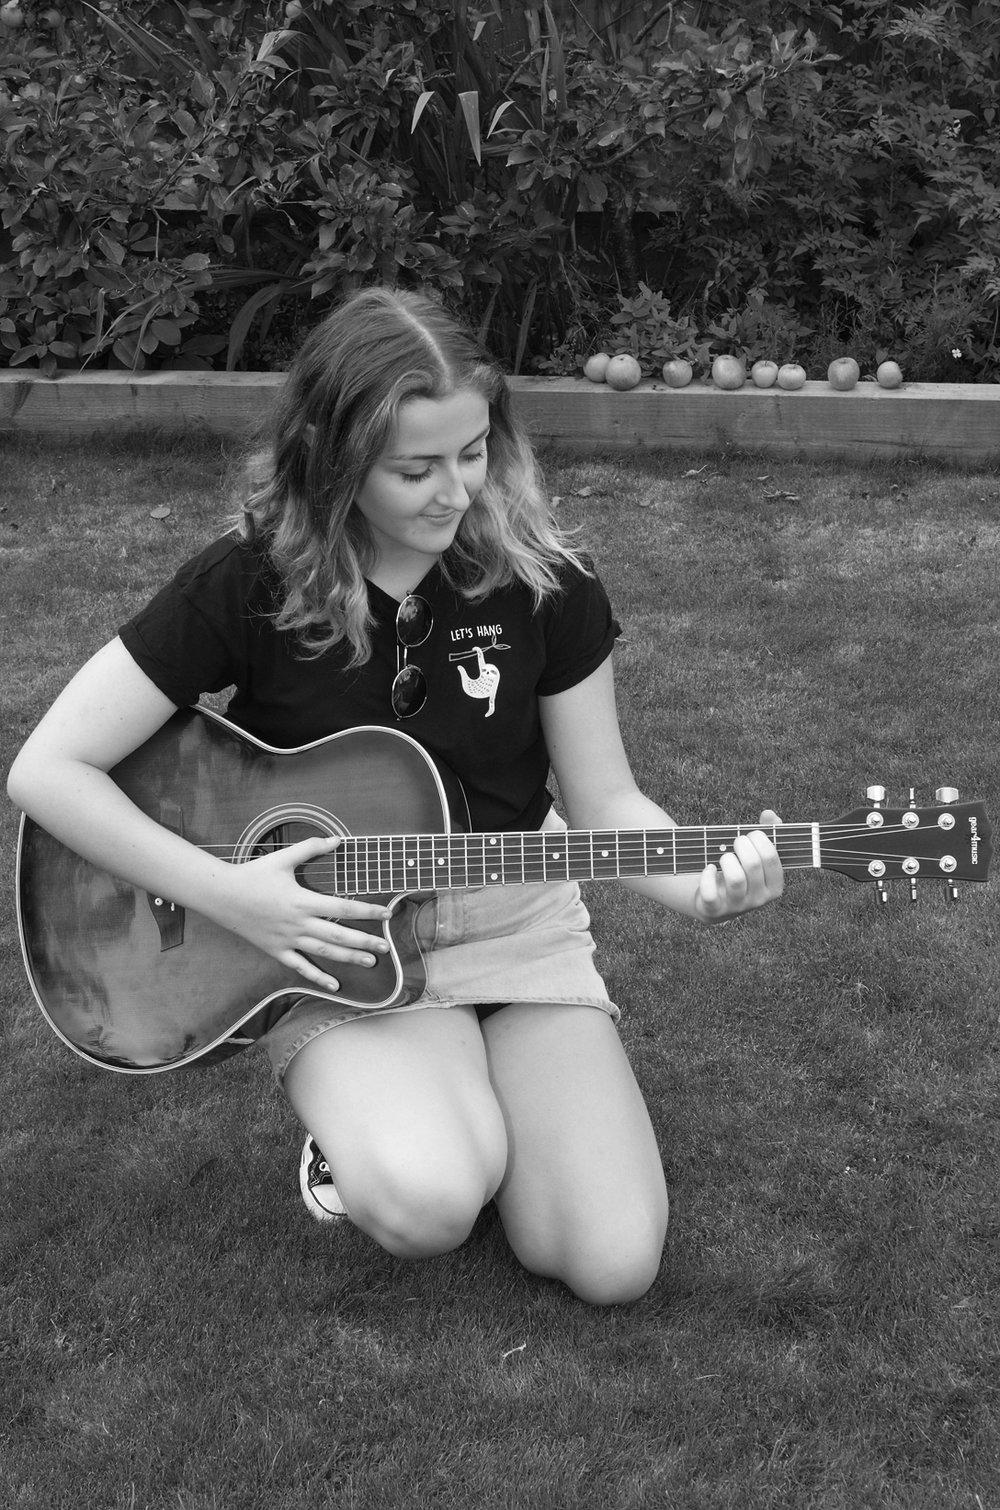 lauren blk guitar garden_DSC5409.jpg